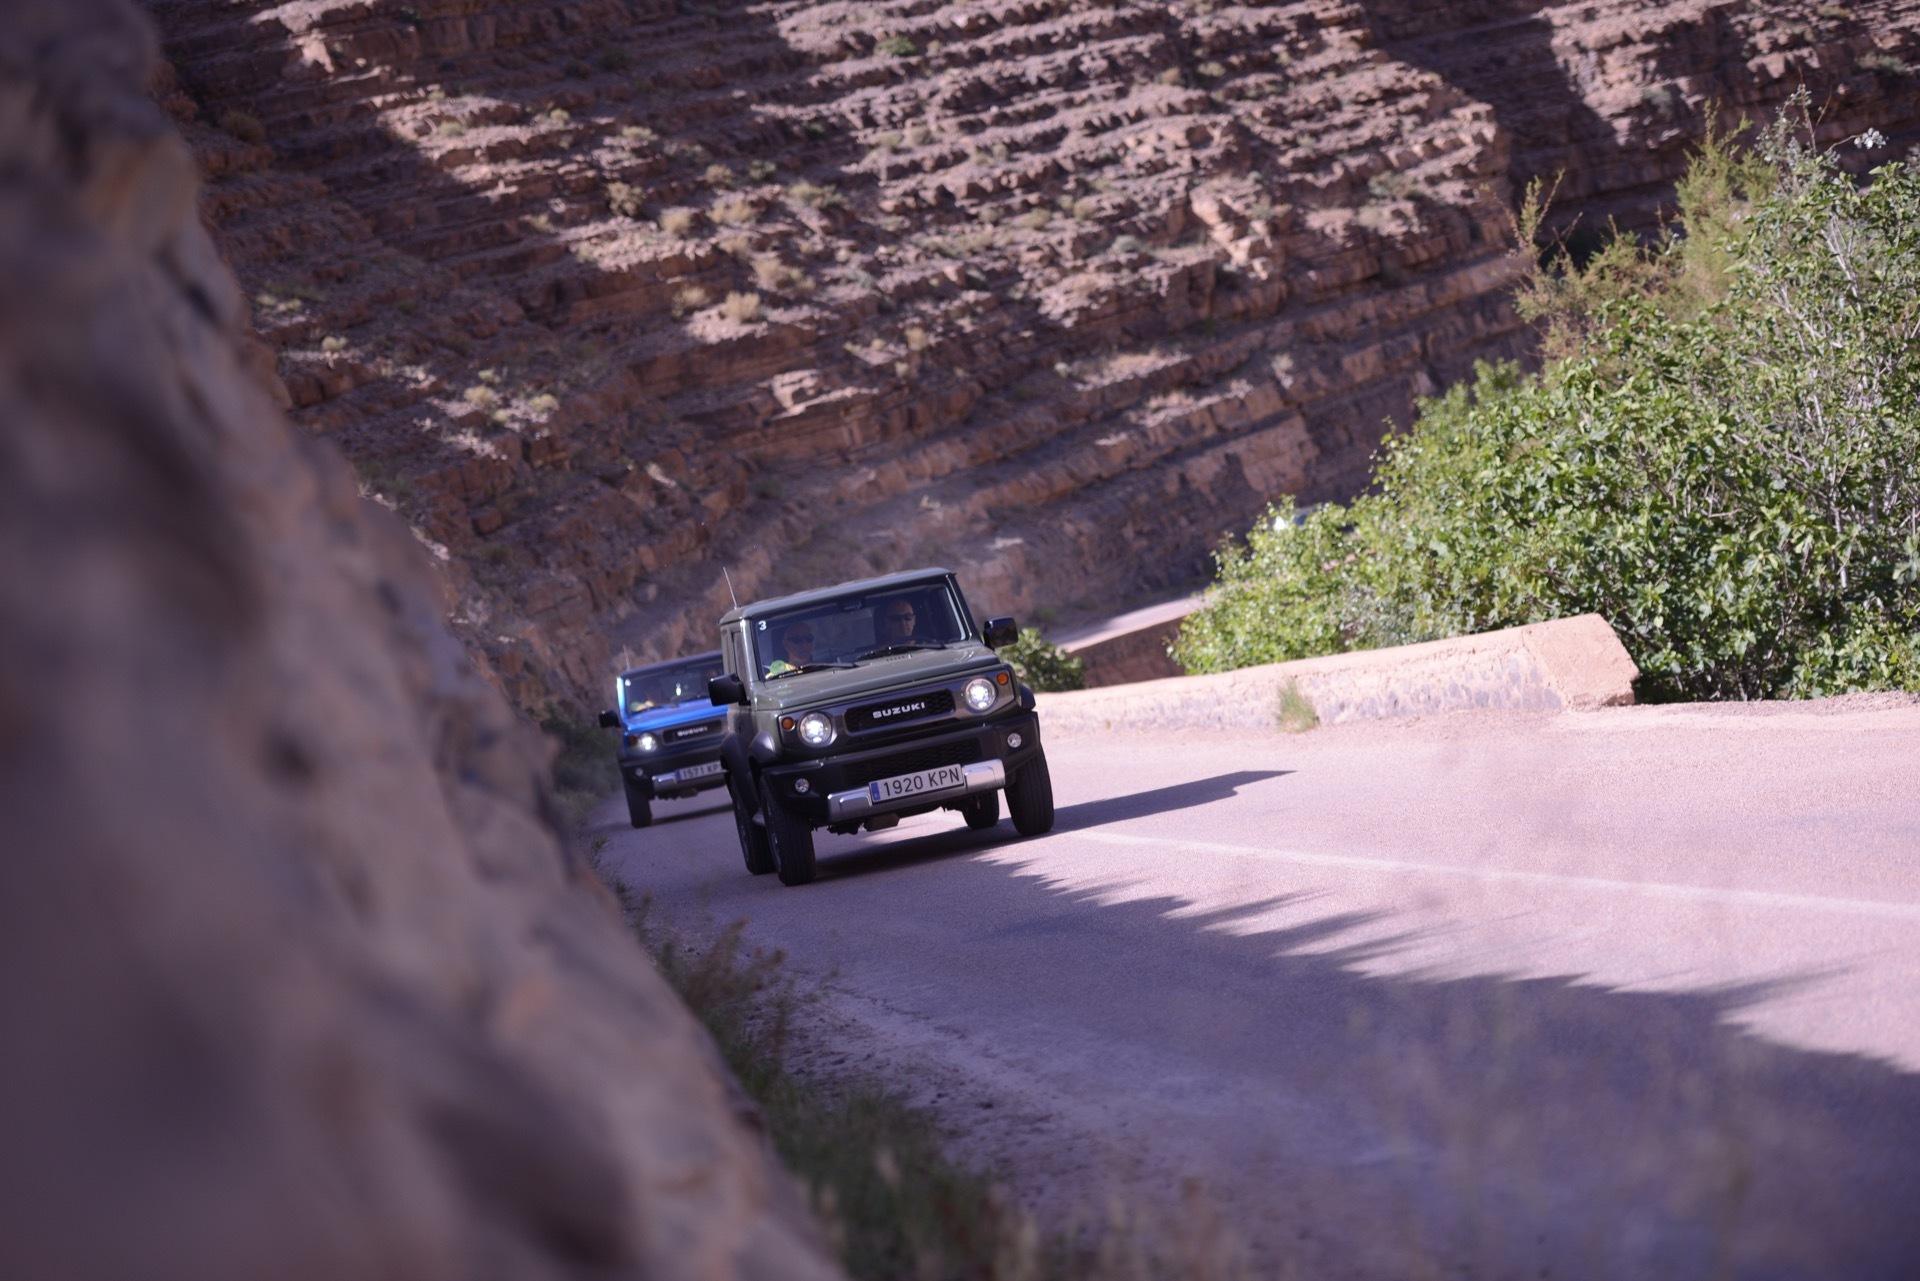 Suzuki Jimny Desert Experience 2019 00080